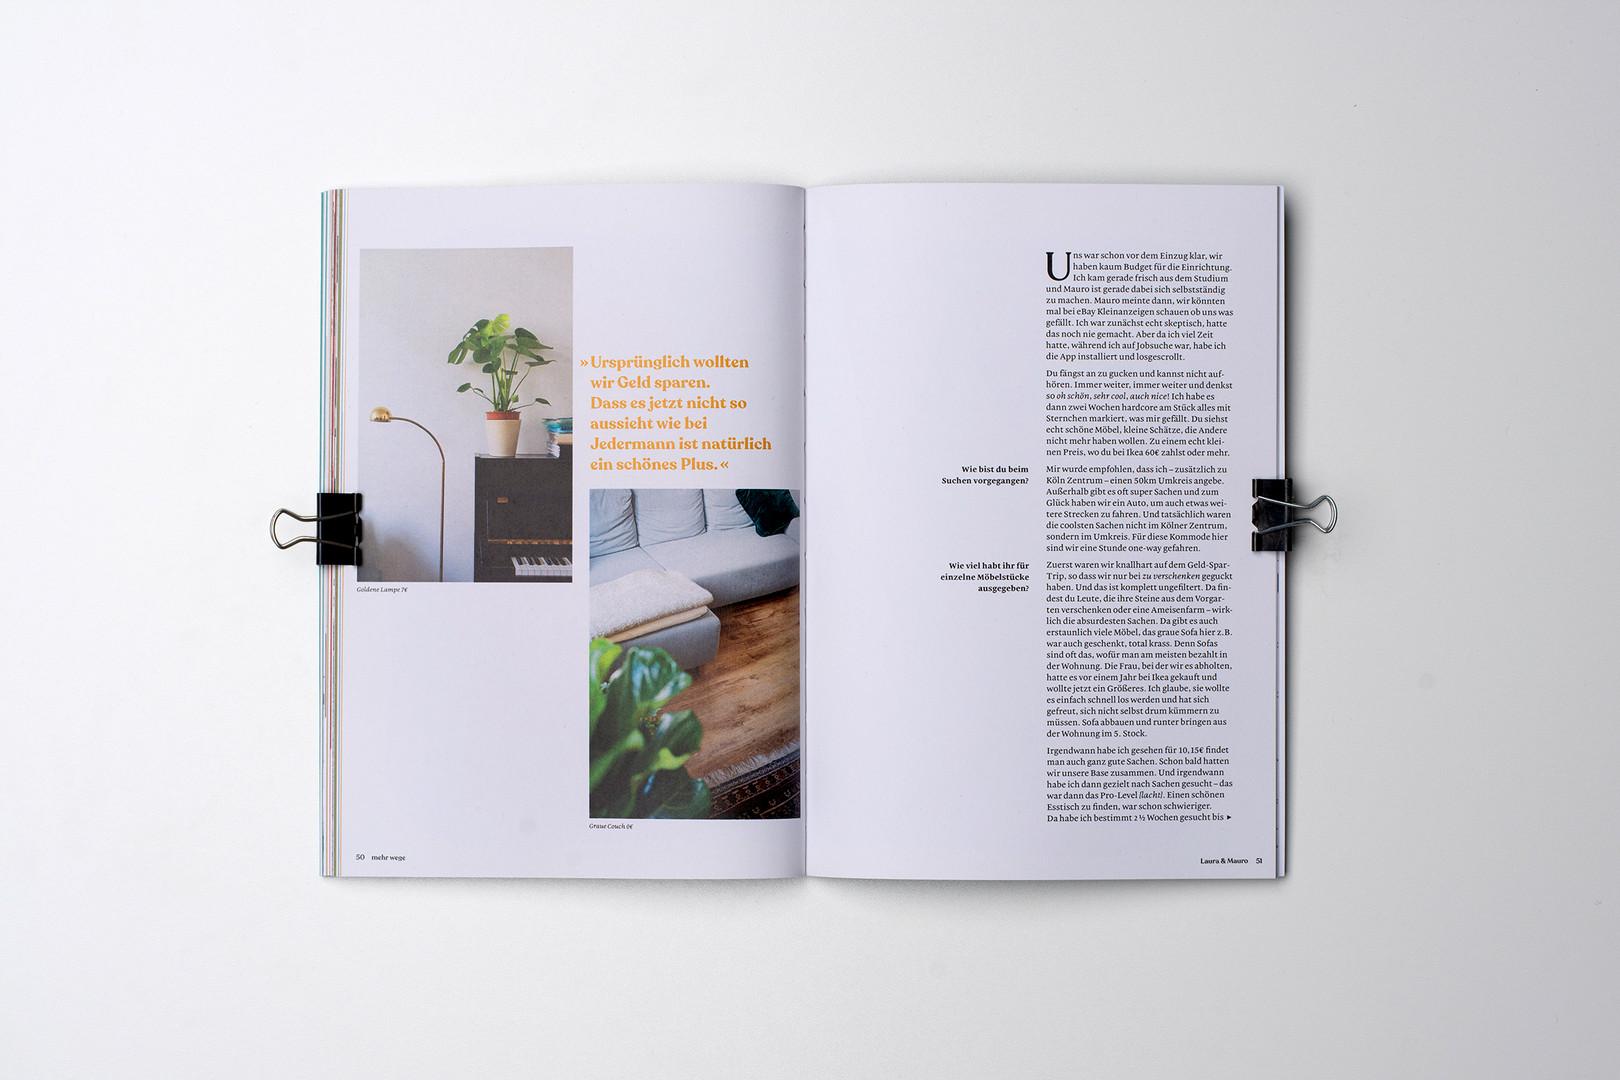 2019-02-13_magazin-mehrwege_059-29_144dp